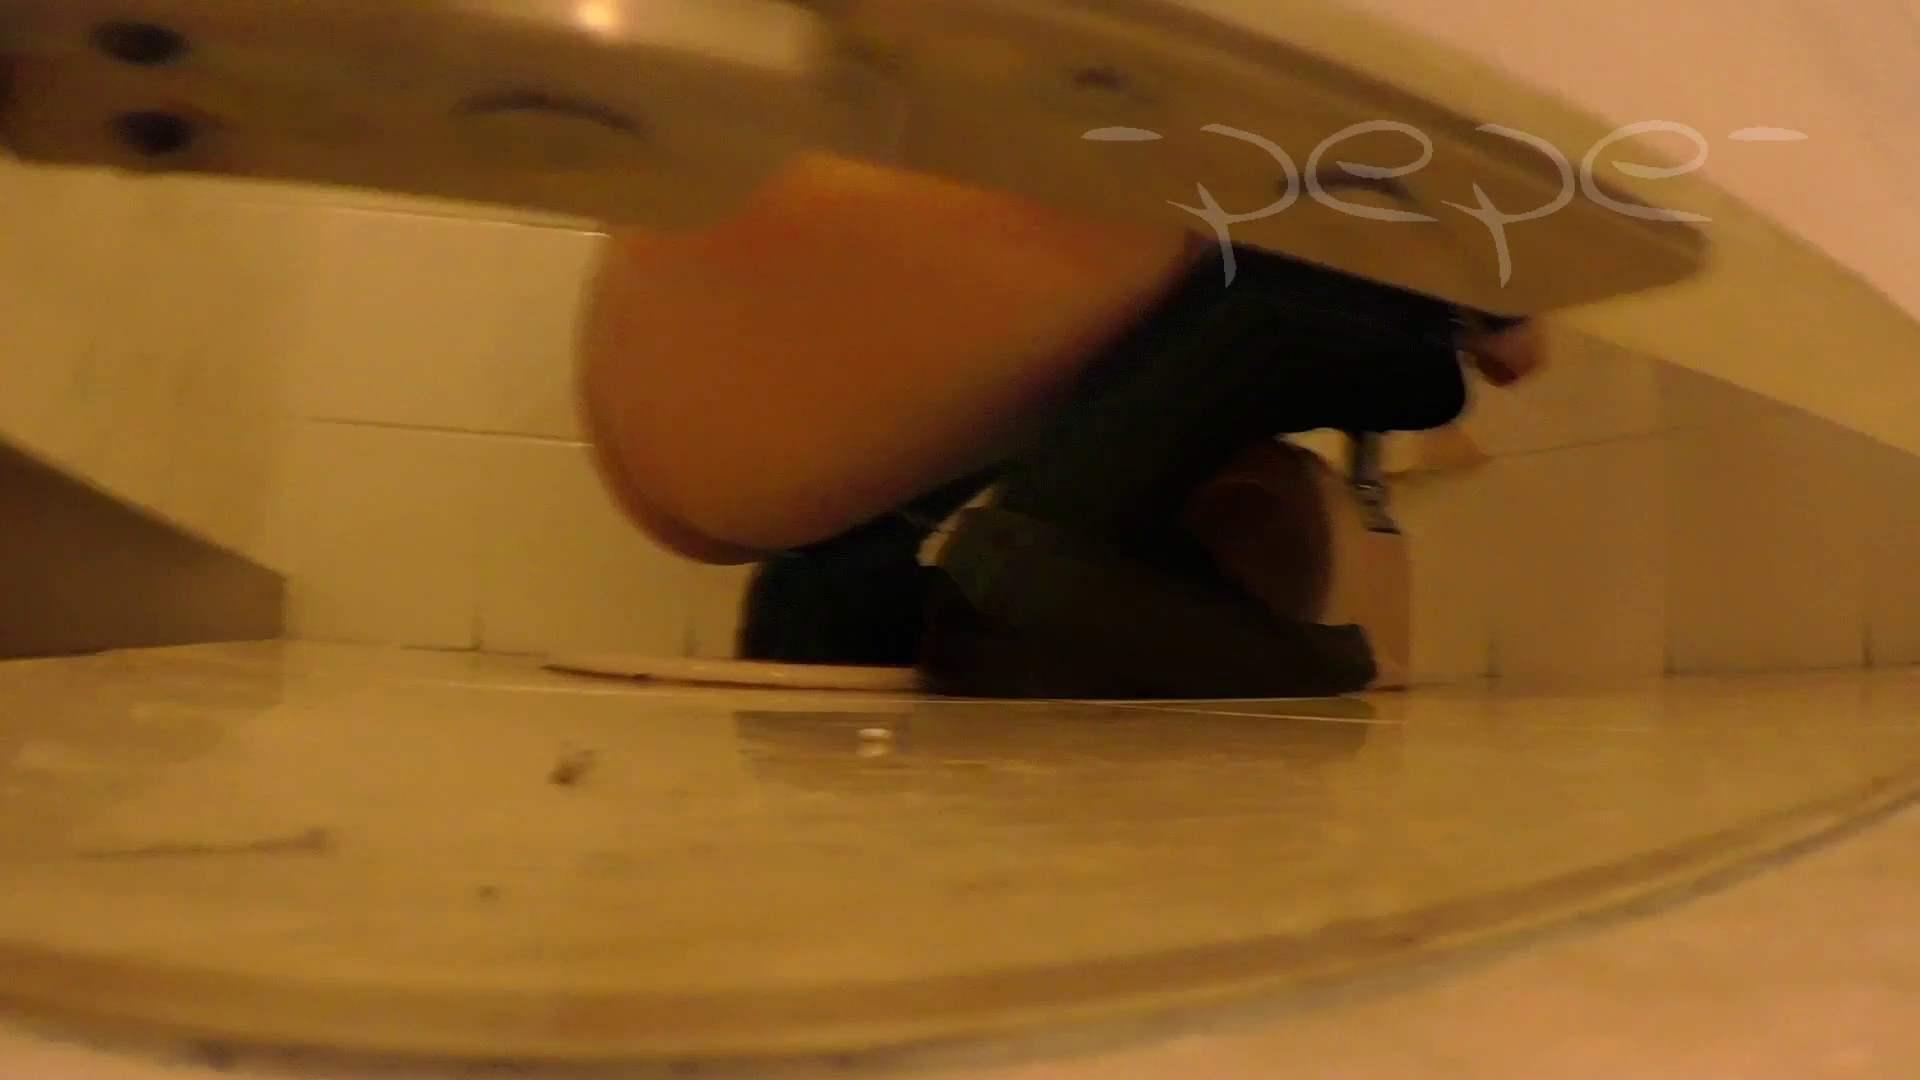 至高洗面所盗撮 30 至高店内撮り 見せますpepeの技!!2 高画質  74PIX 63